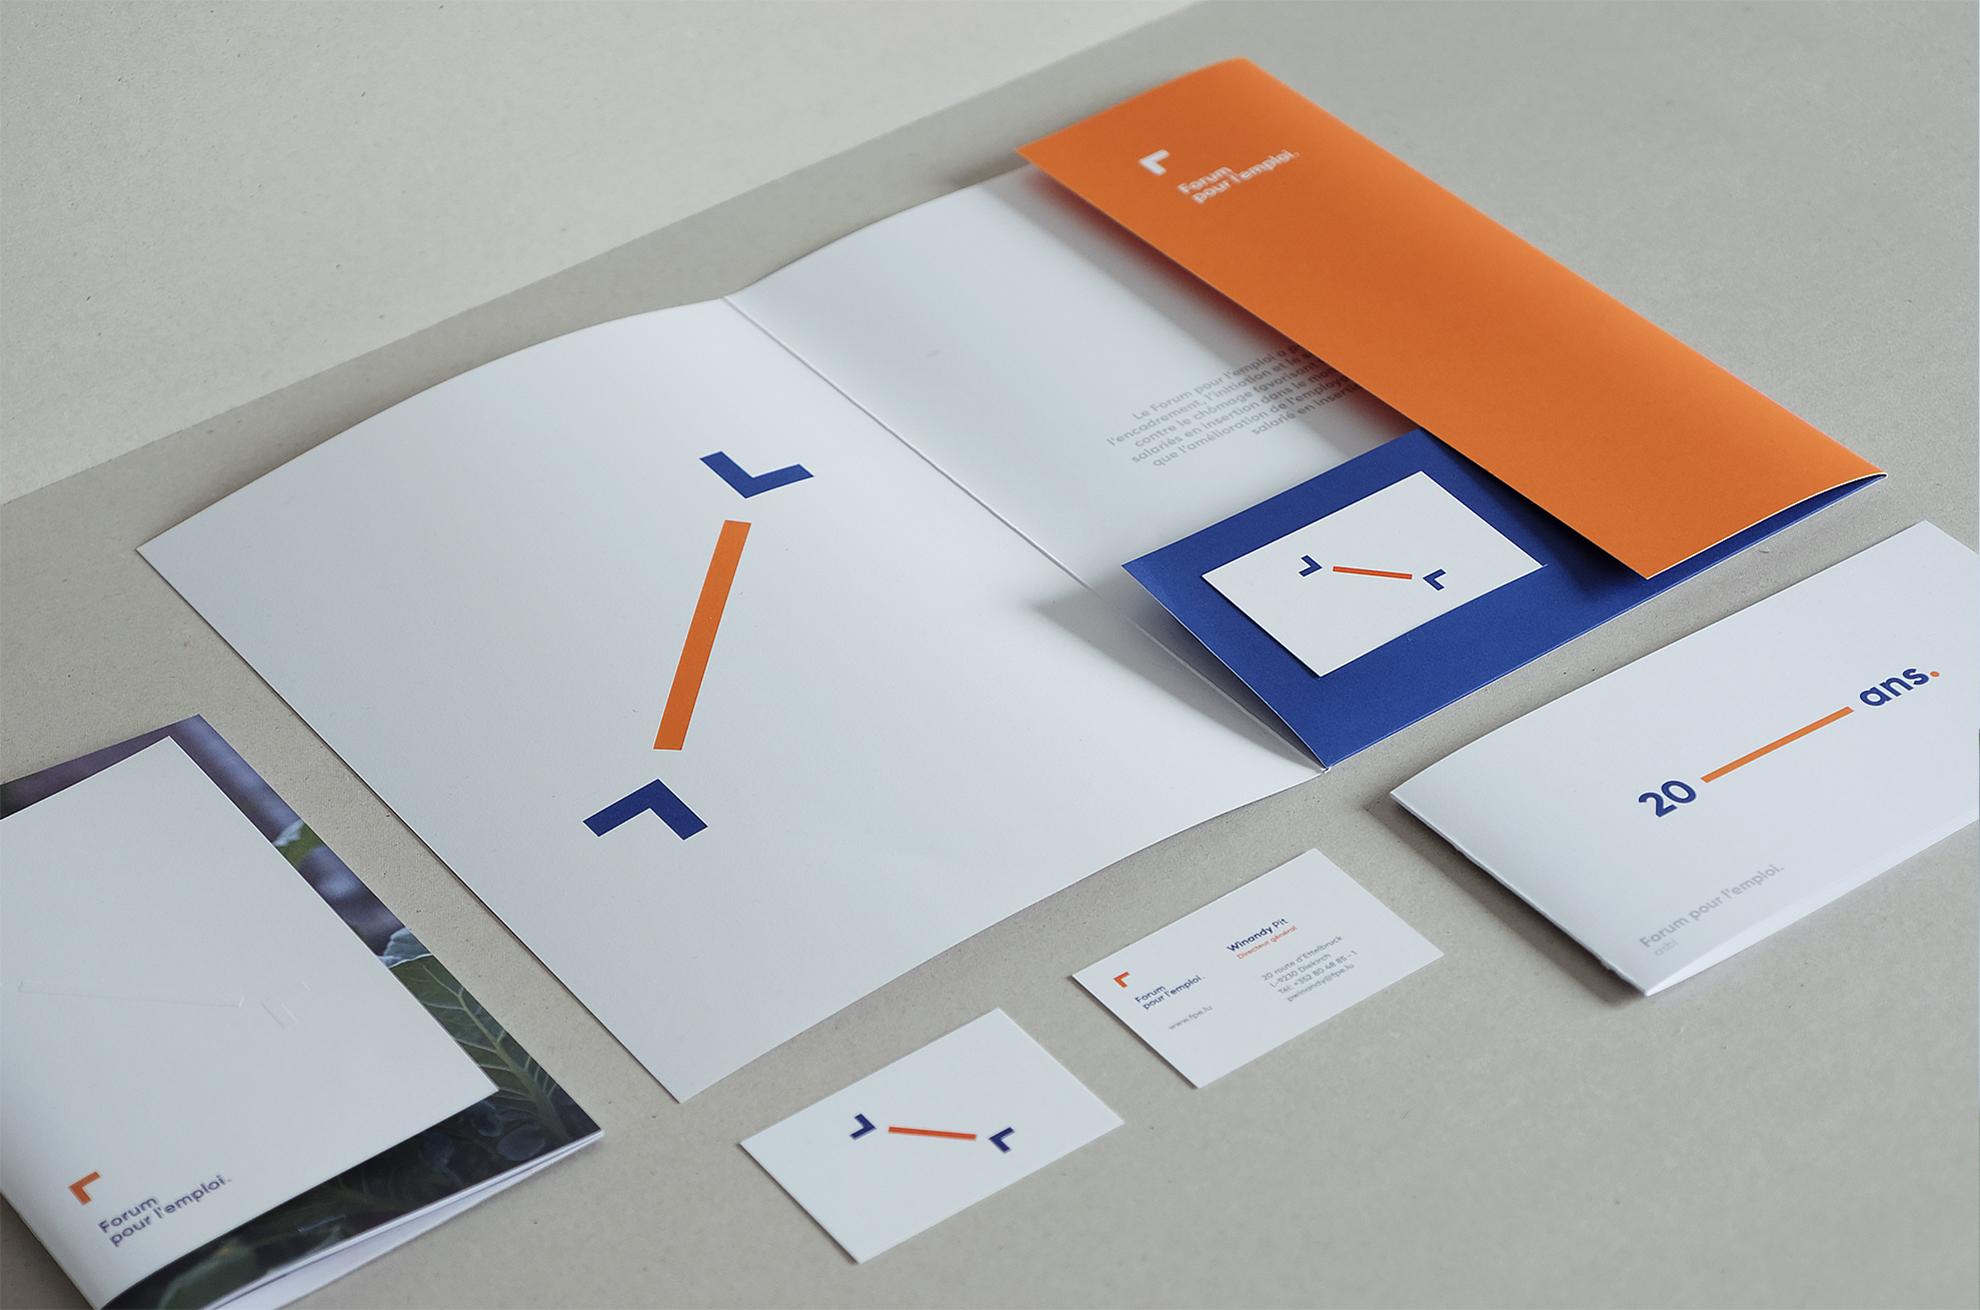 Forum pour l'emploi - identité visuelle, mise en page, layout, editorial design